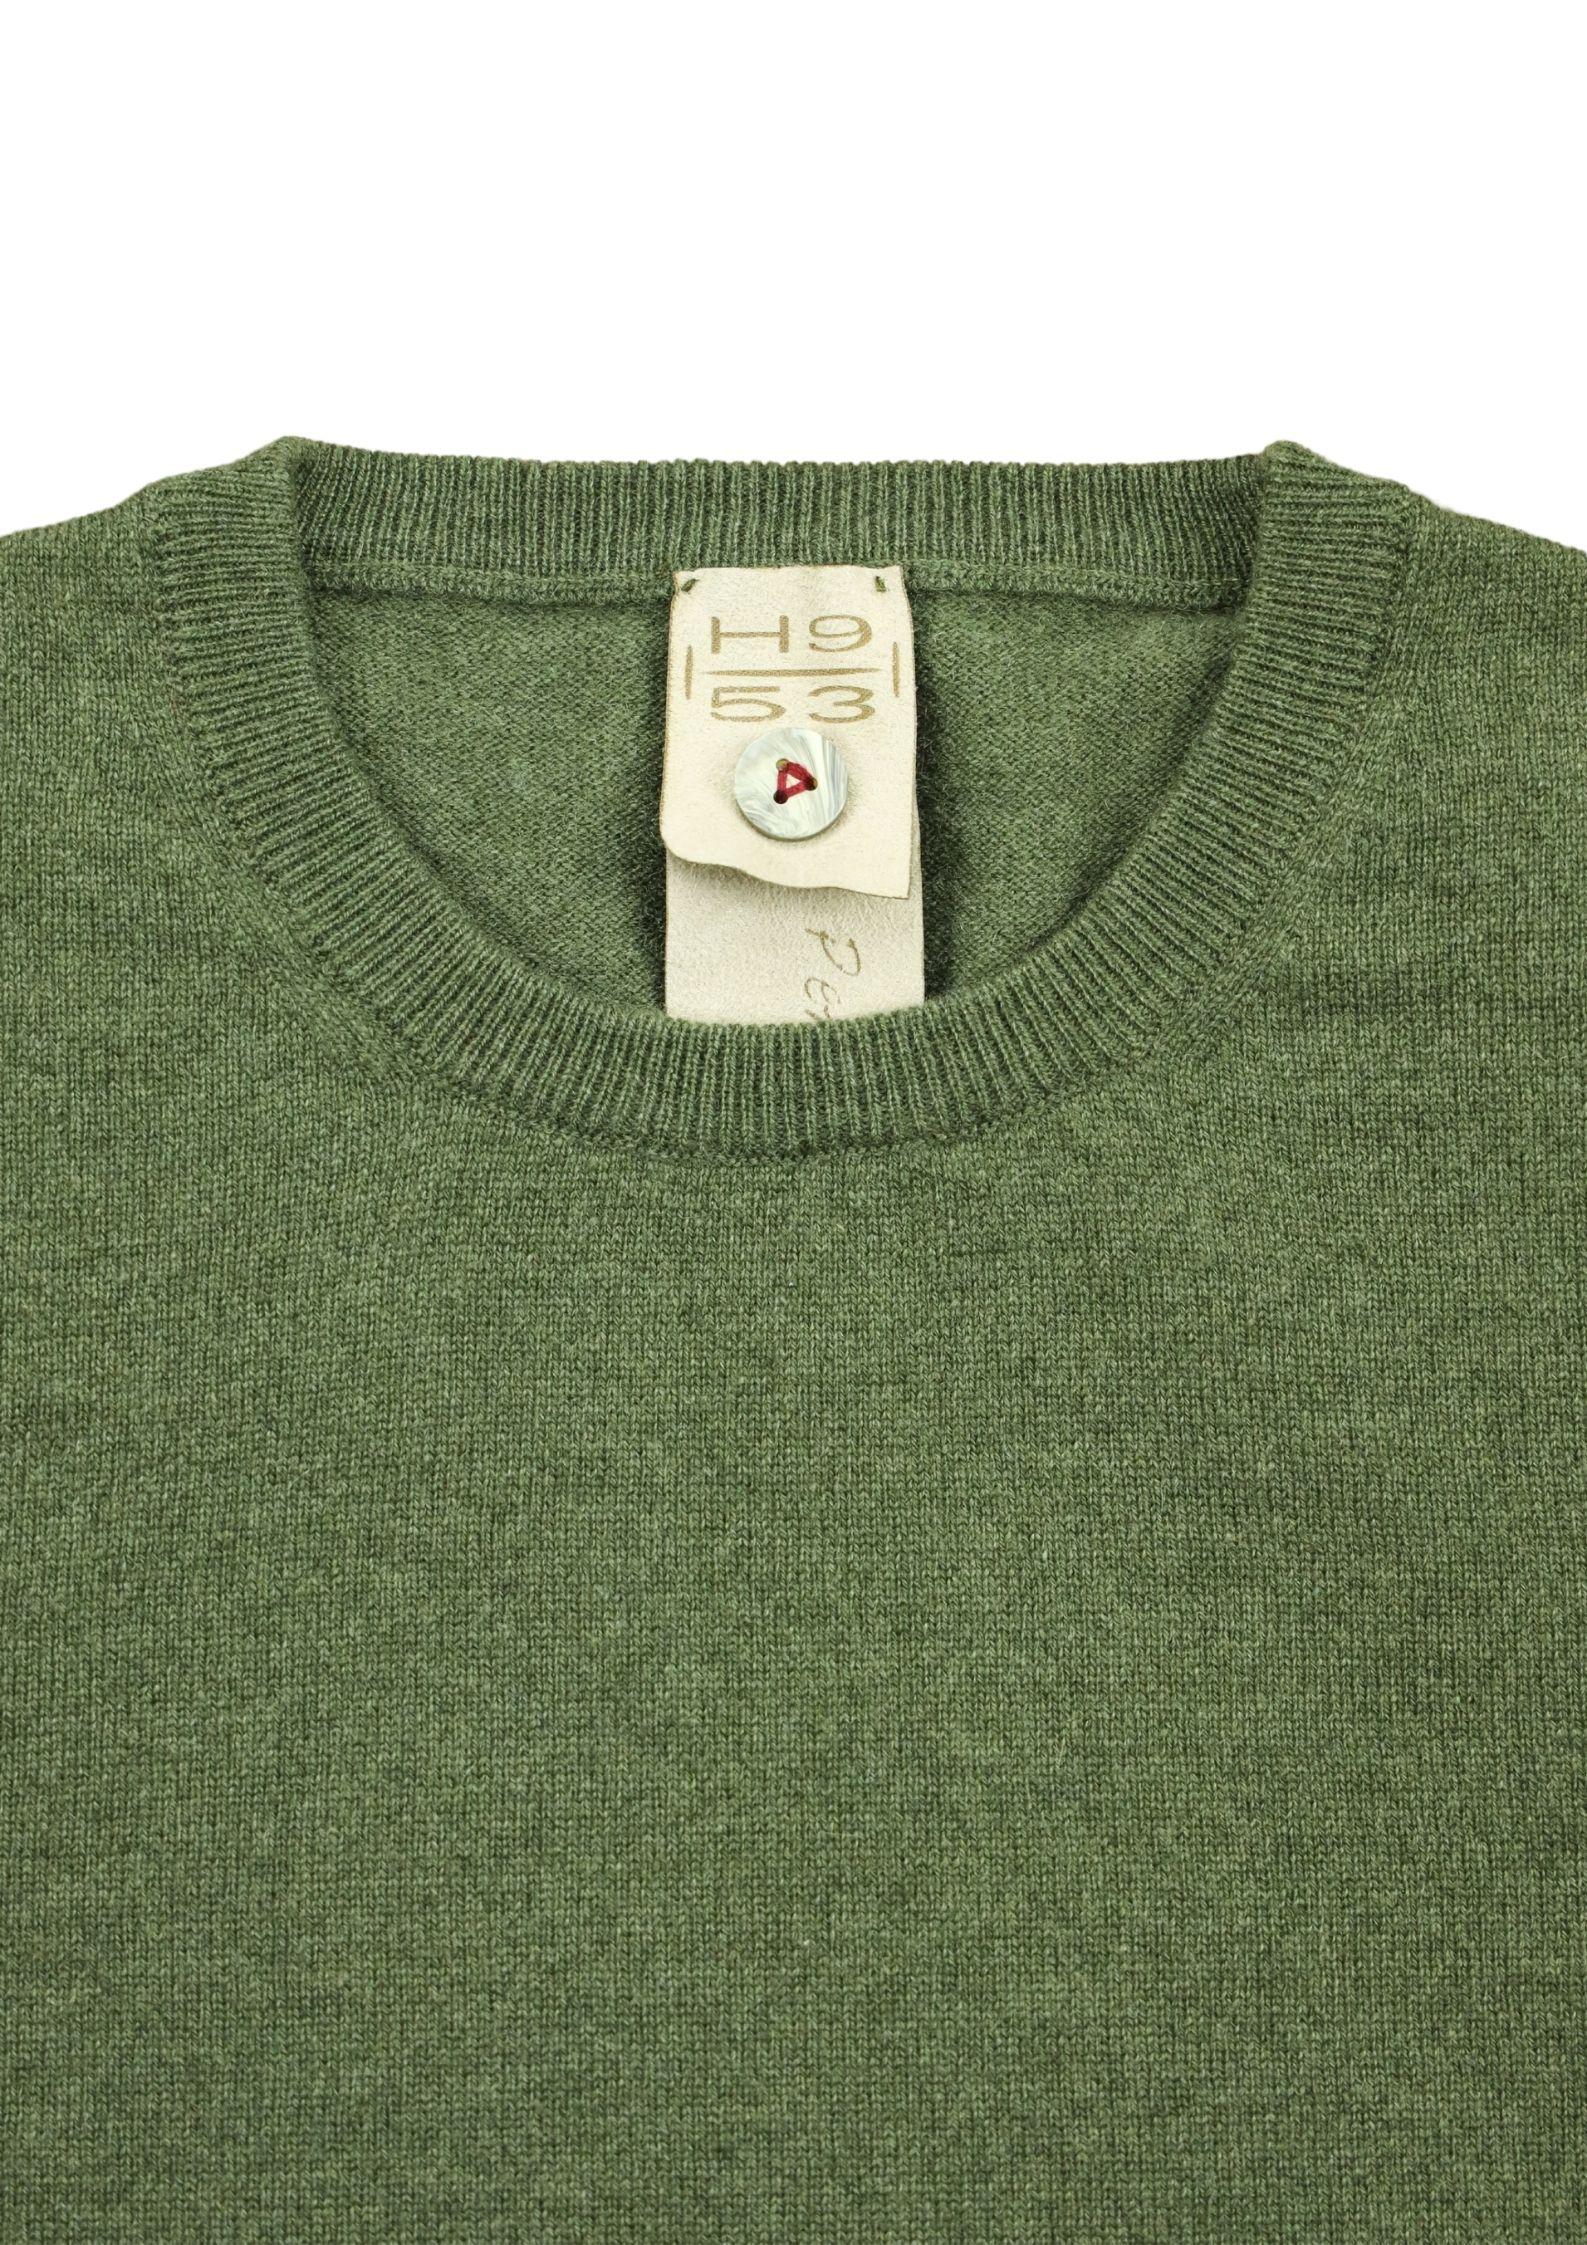 Pullover girocollo H953 | Maglieria | 339526